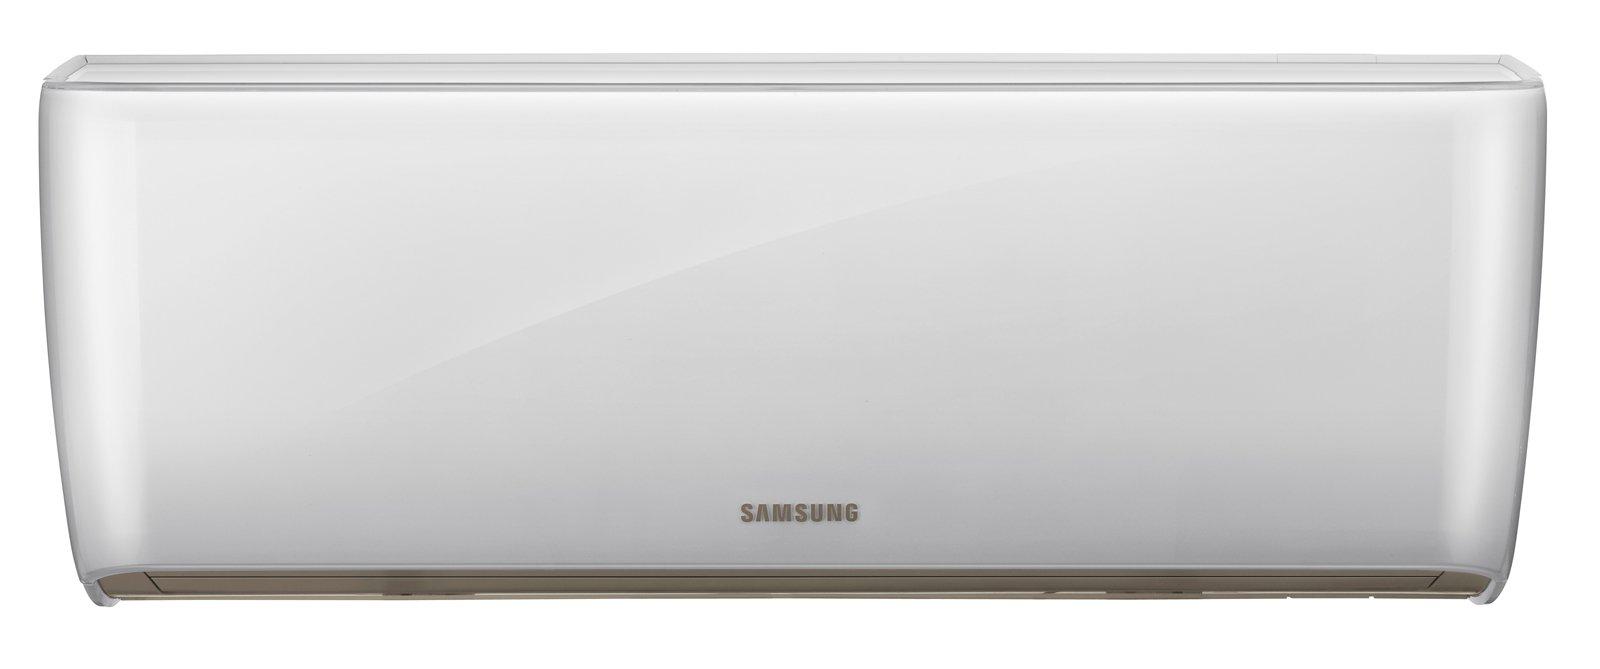 Climatizzatori controllabili a distanza cose di casa - Conviene riscaldare casa con climatizzatore ...